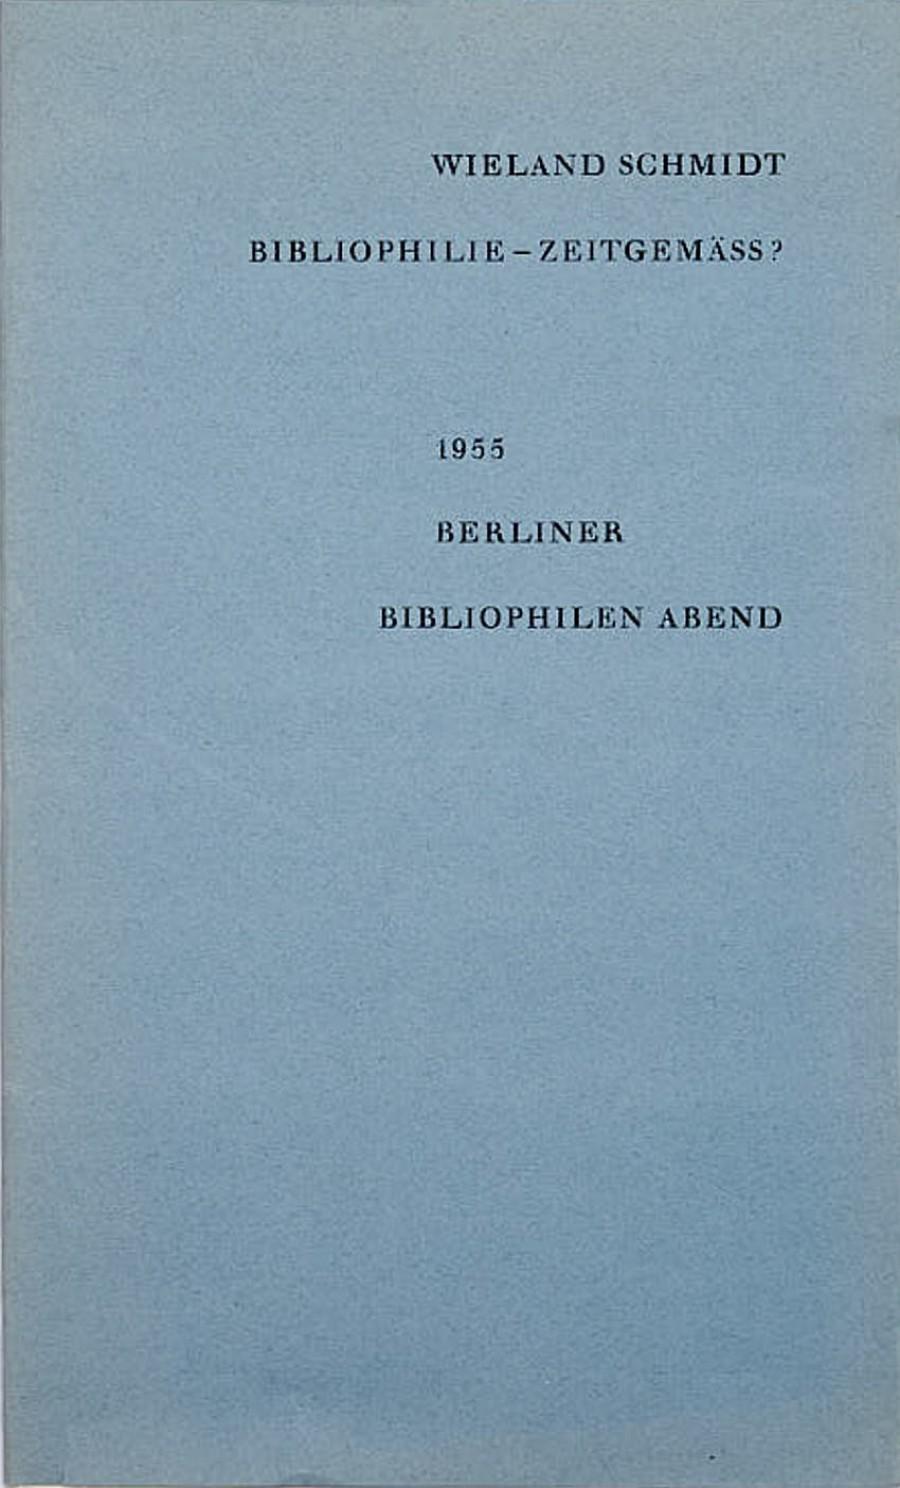 Wieland Schmidt:Bibliophilie zeitgemäß?